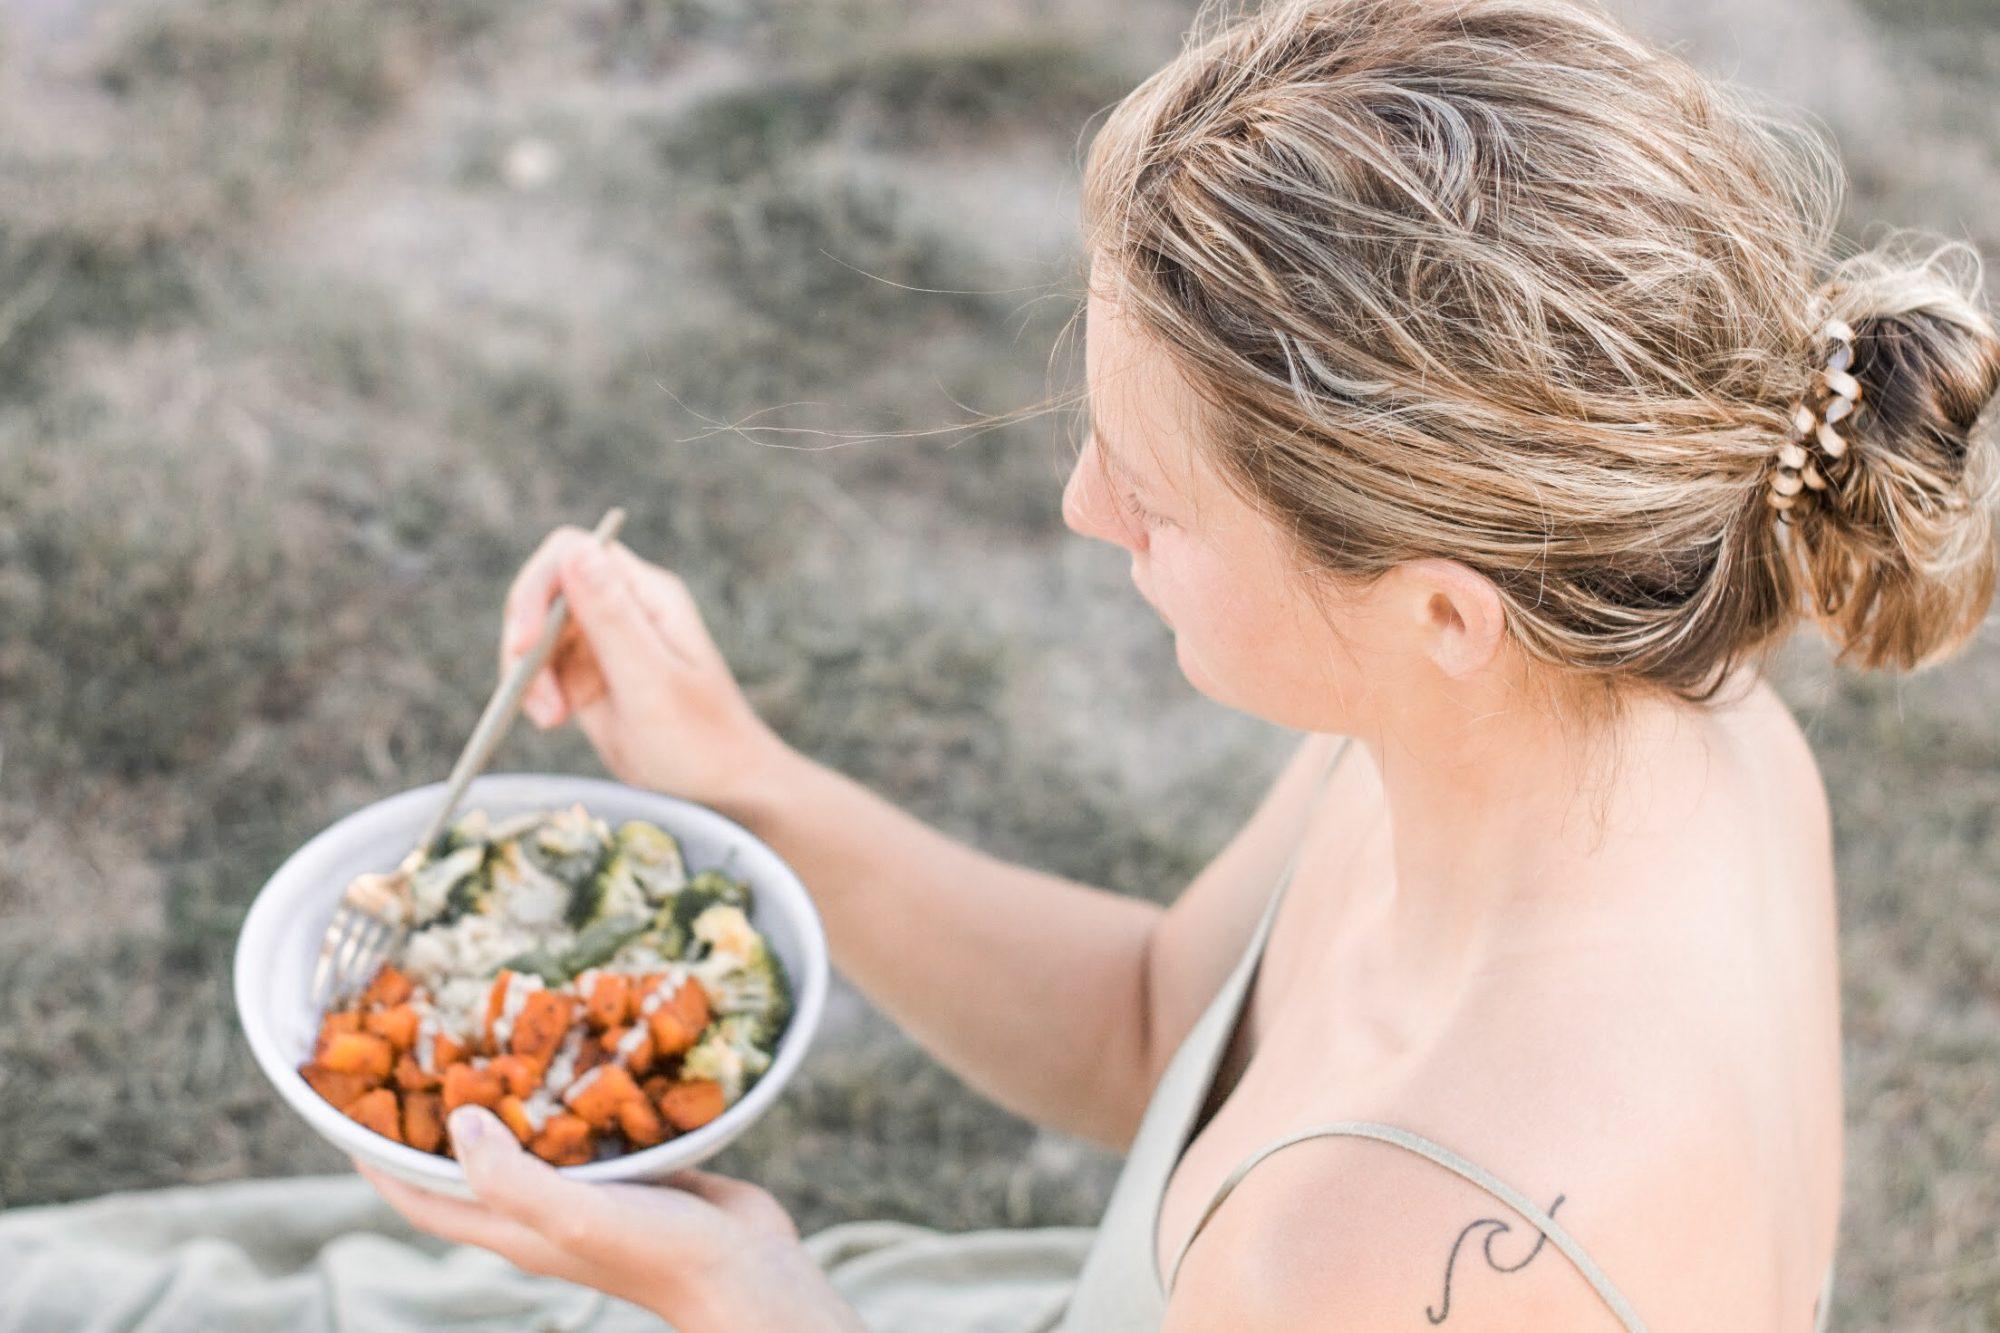 Girl_Eating_Salad